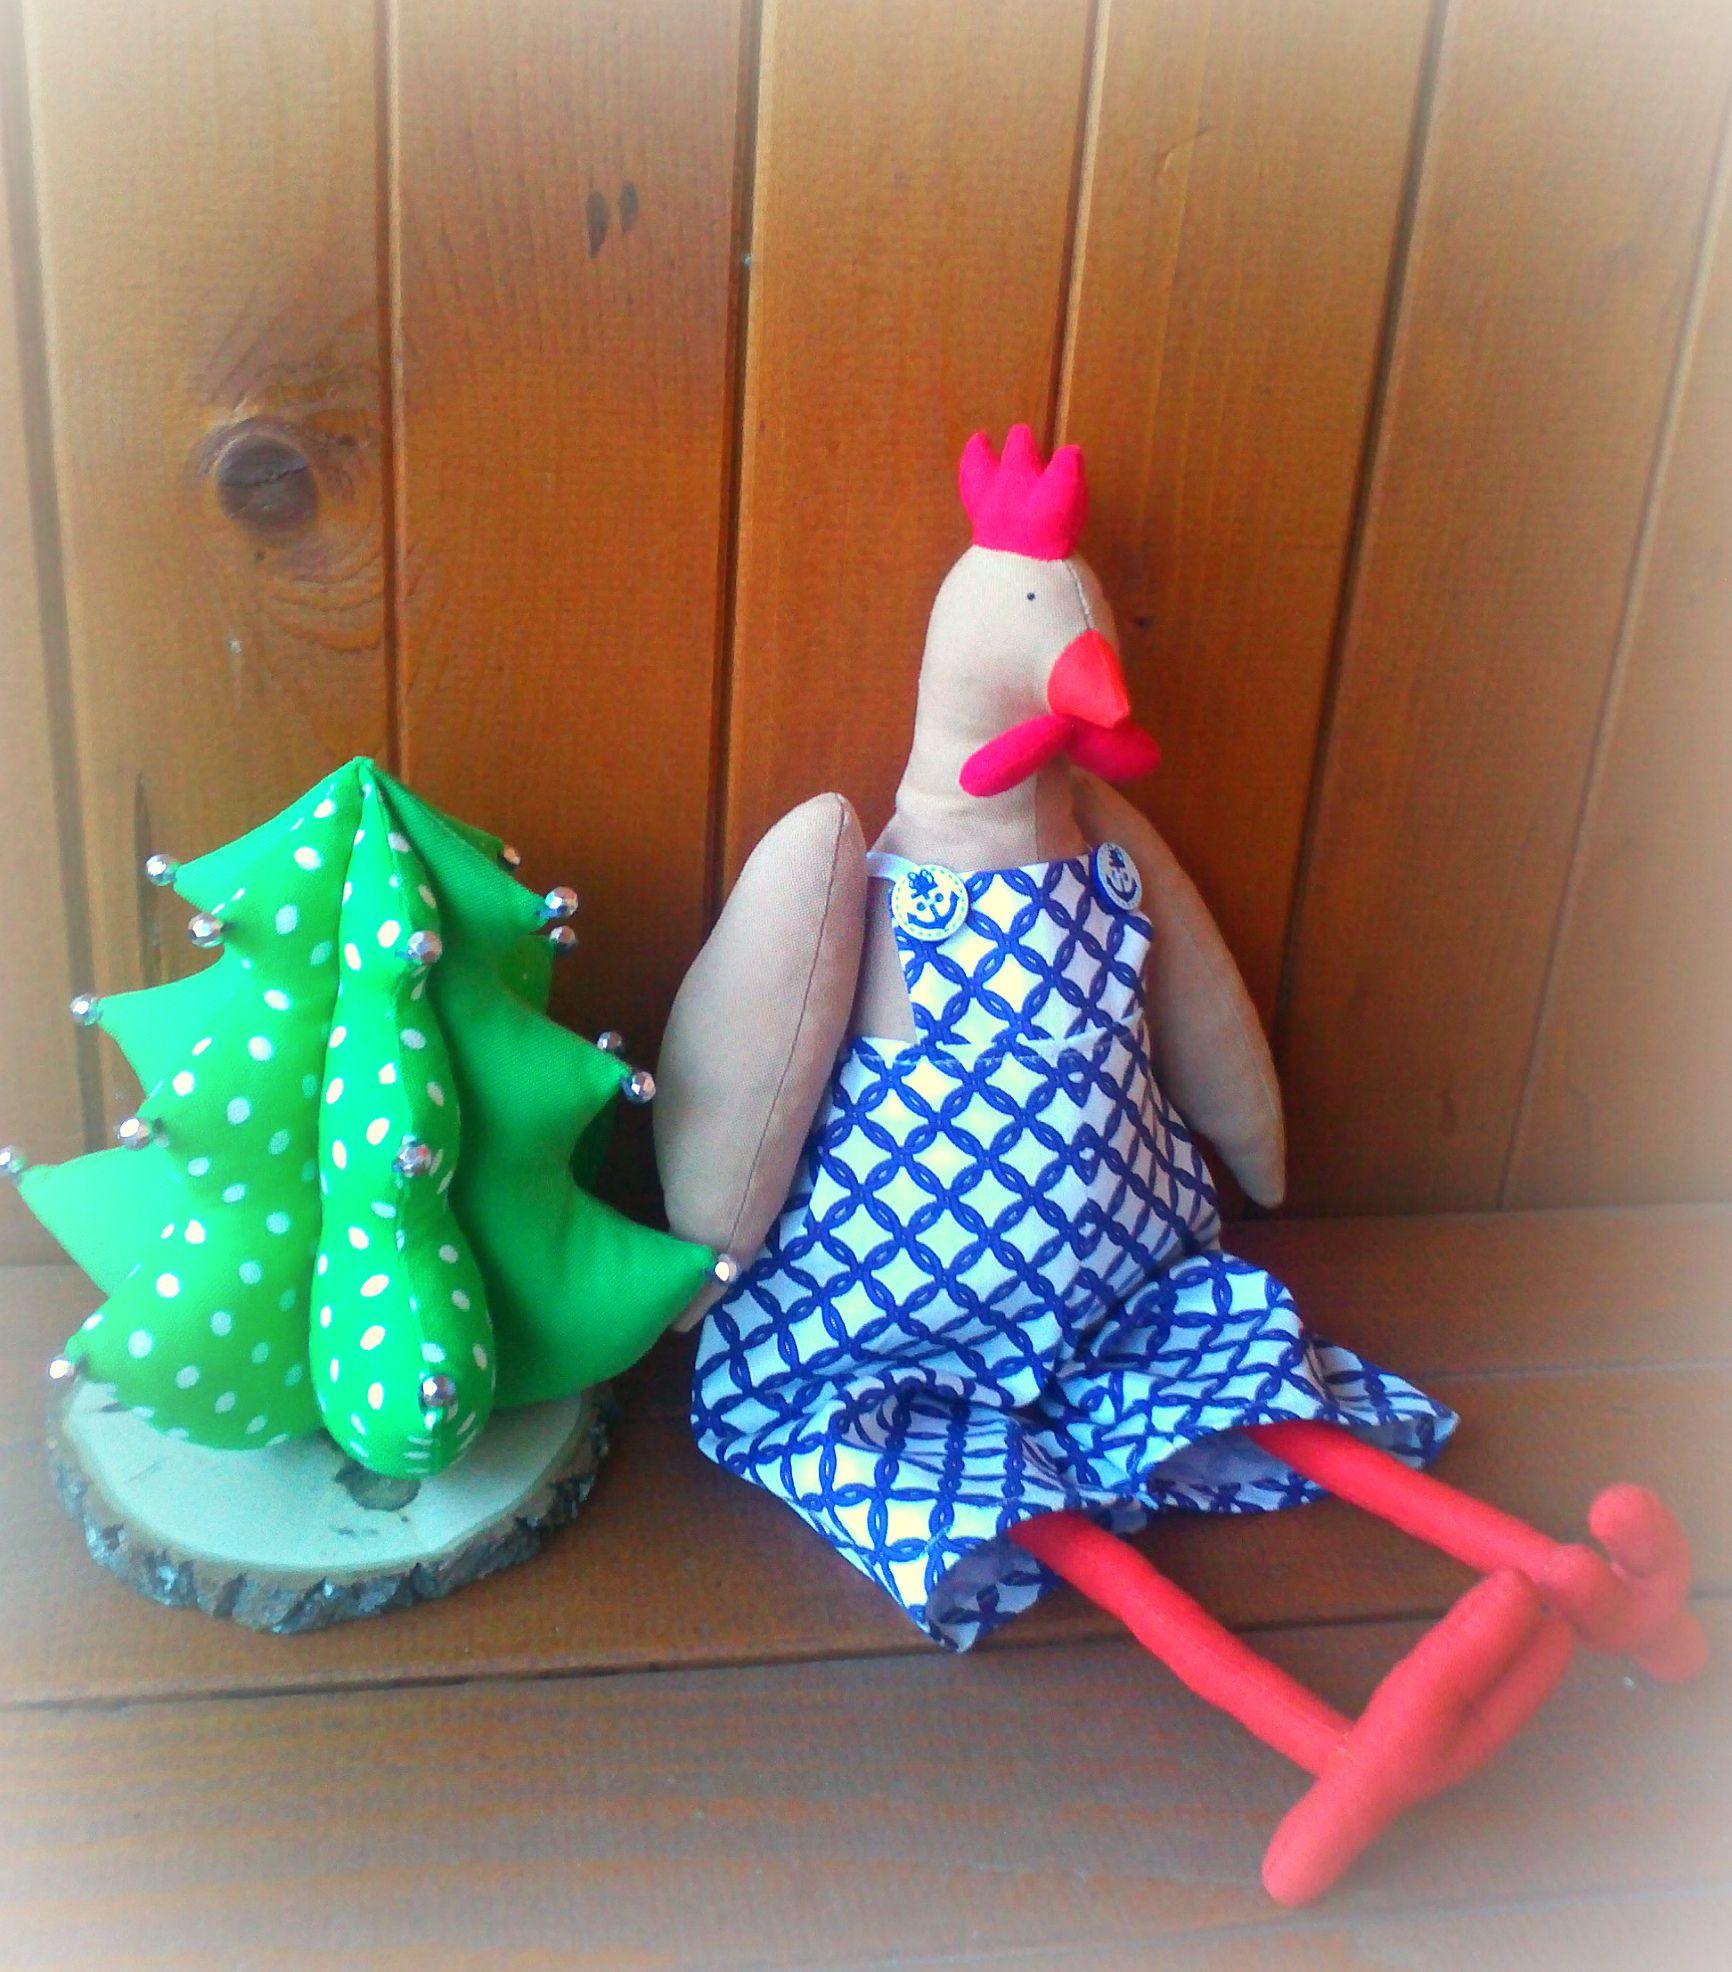 кухни года 2017 новый тильда декор на символ год петух подарок